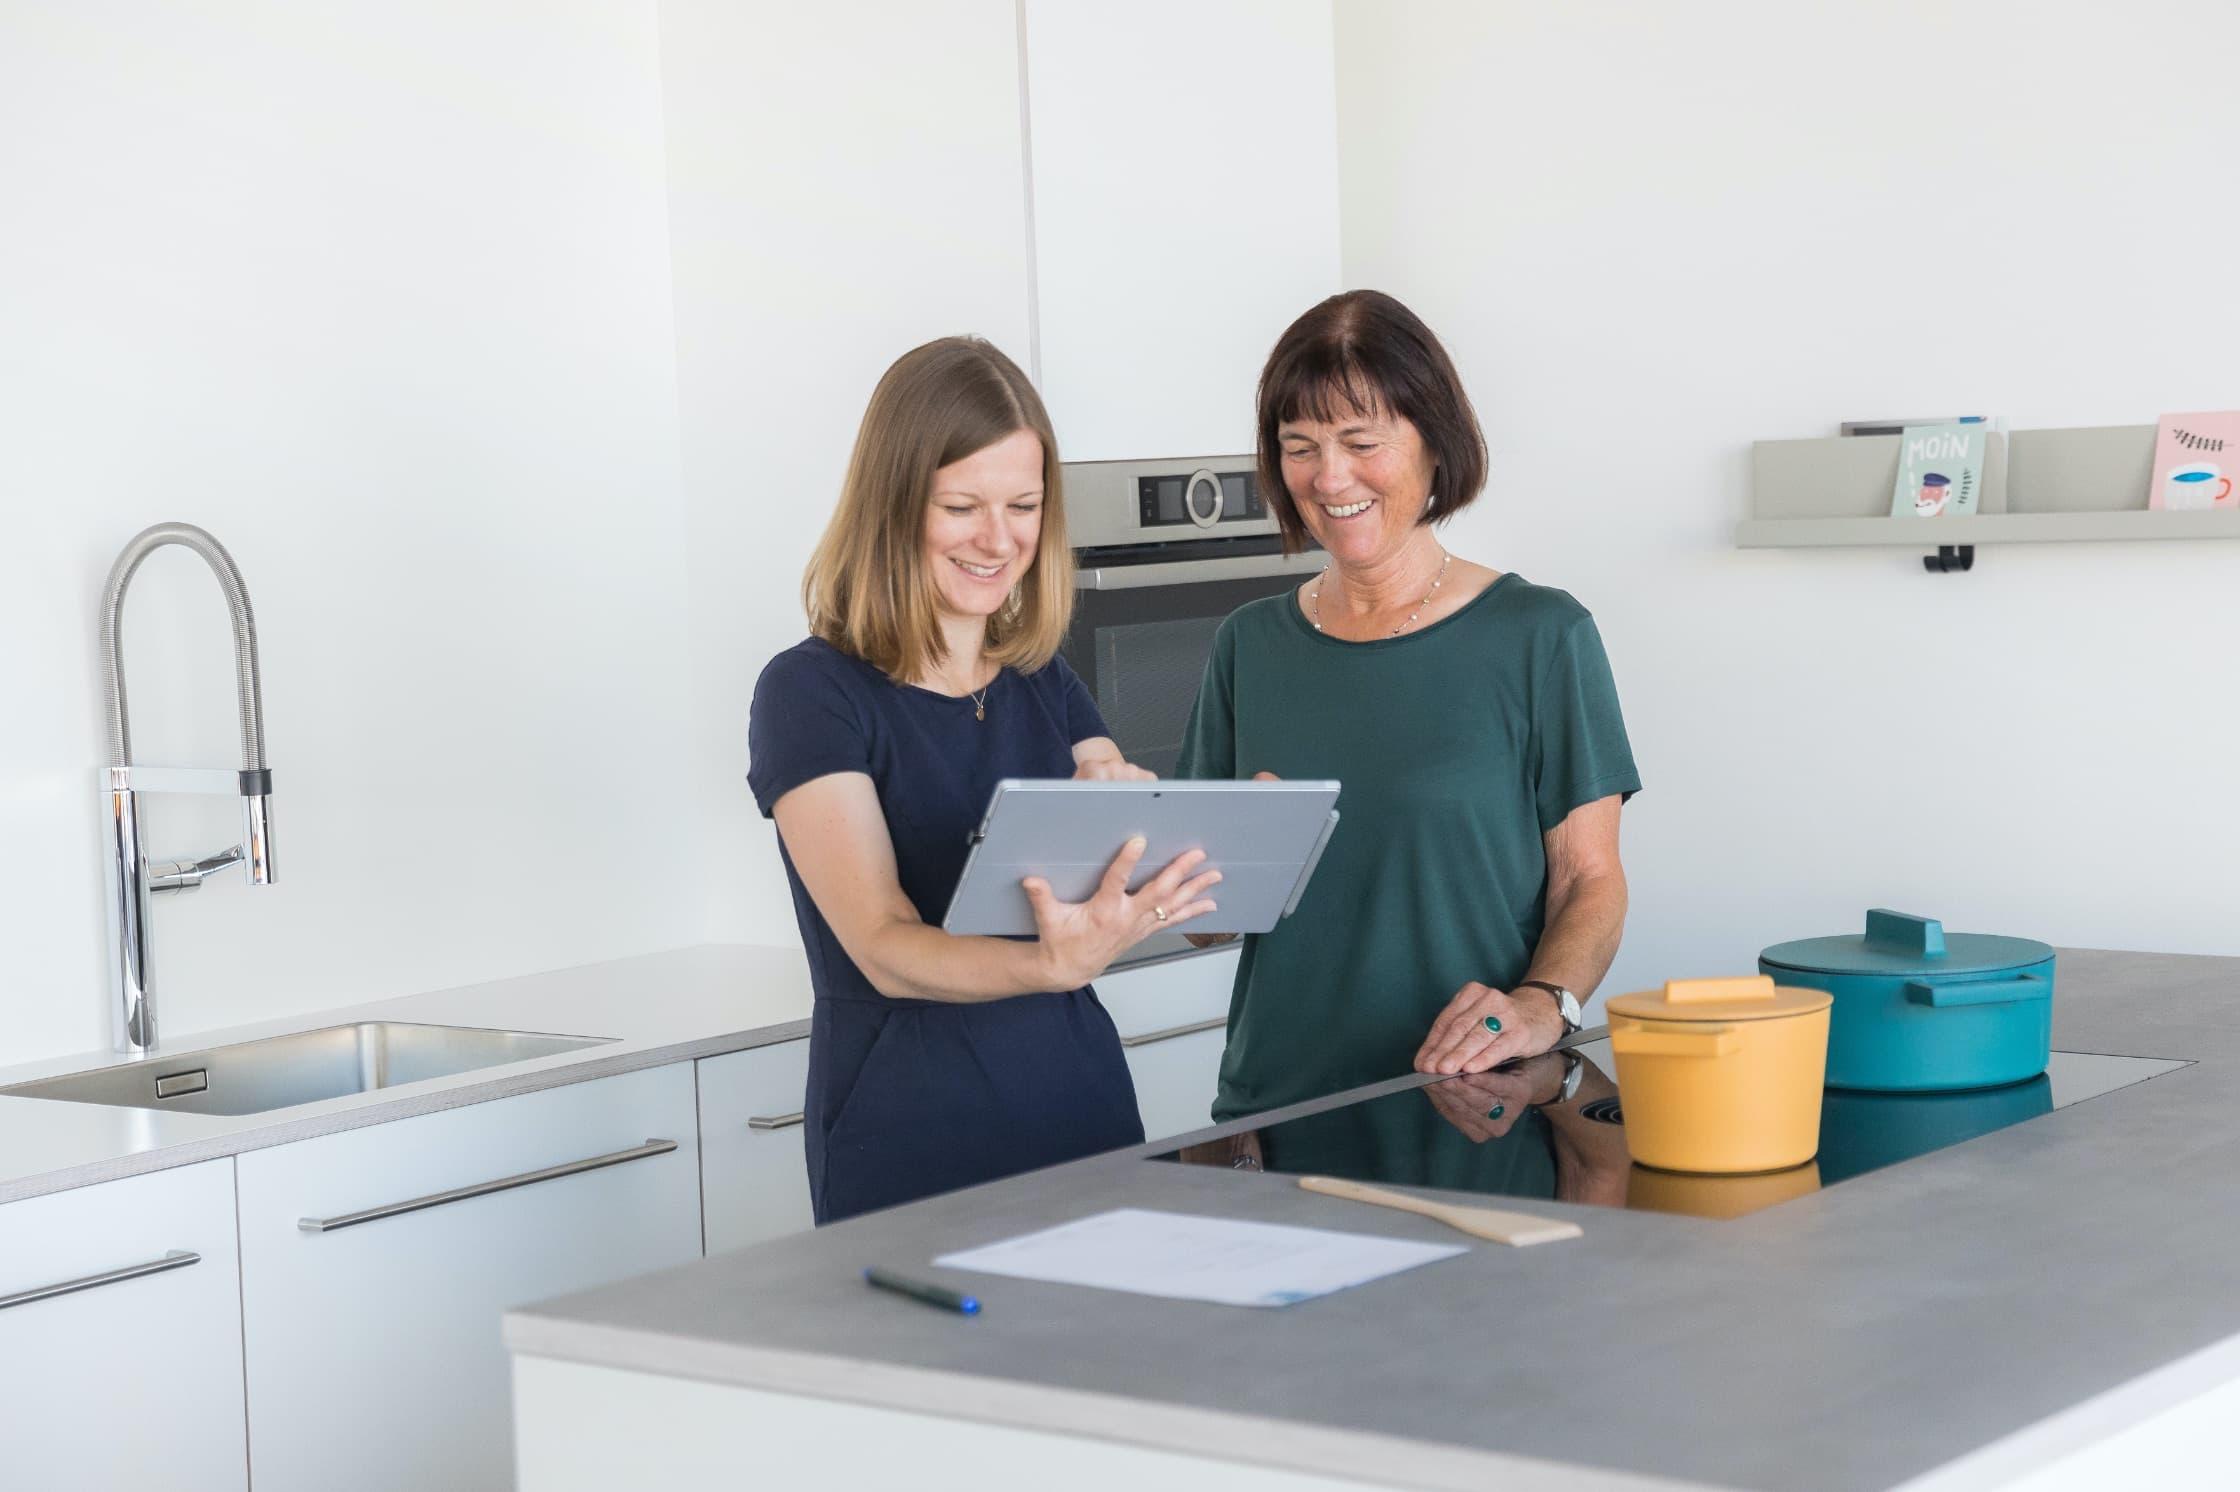 Persönliche Beratung in unserem Küchenstudio und Showroom in Schwäbsich Hall